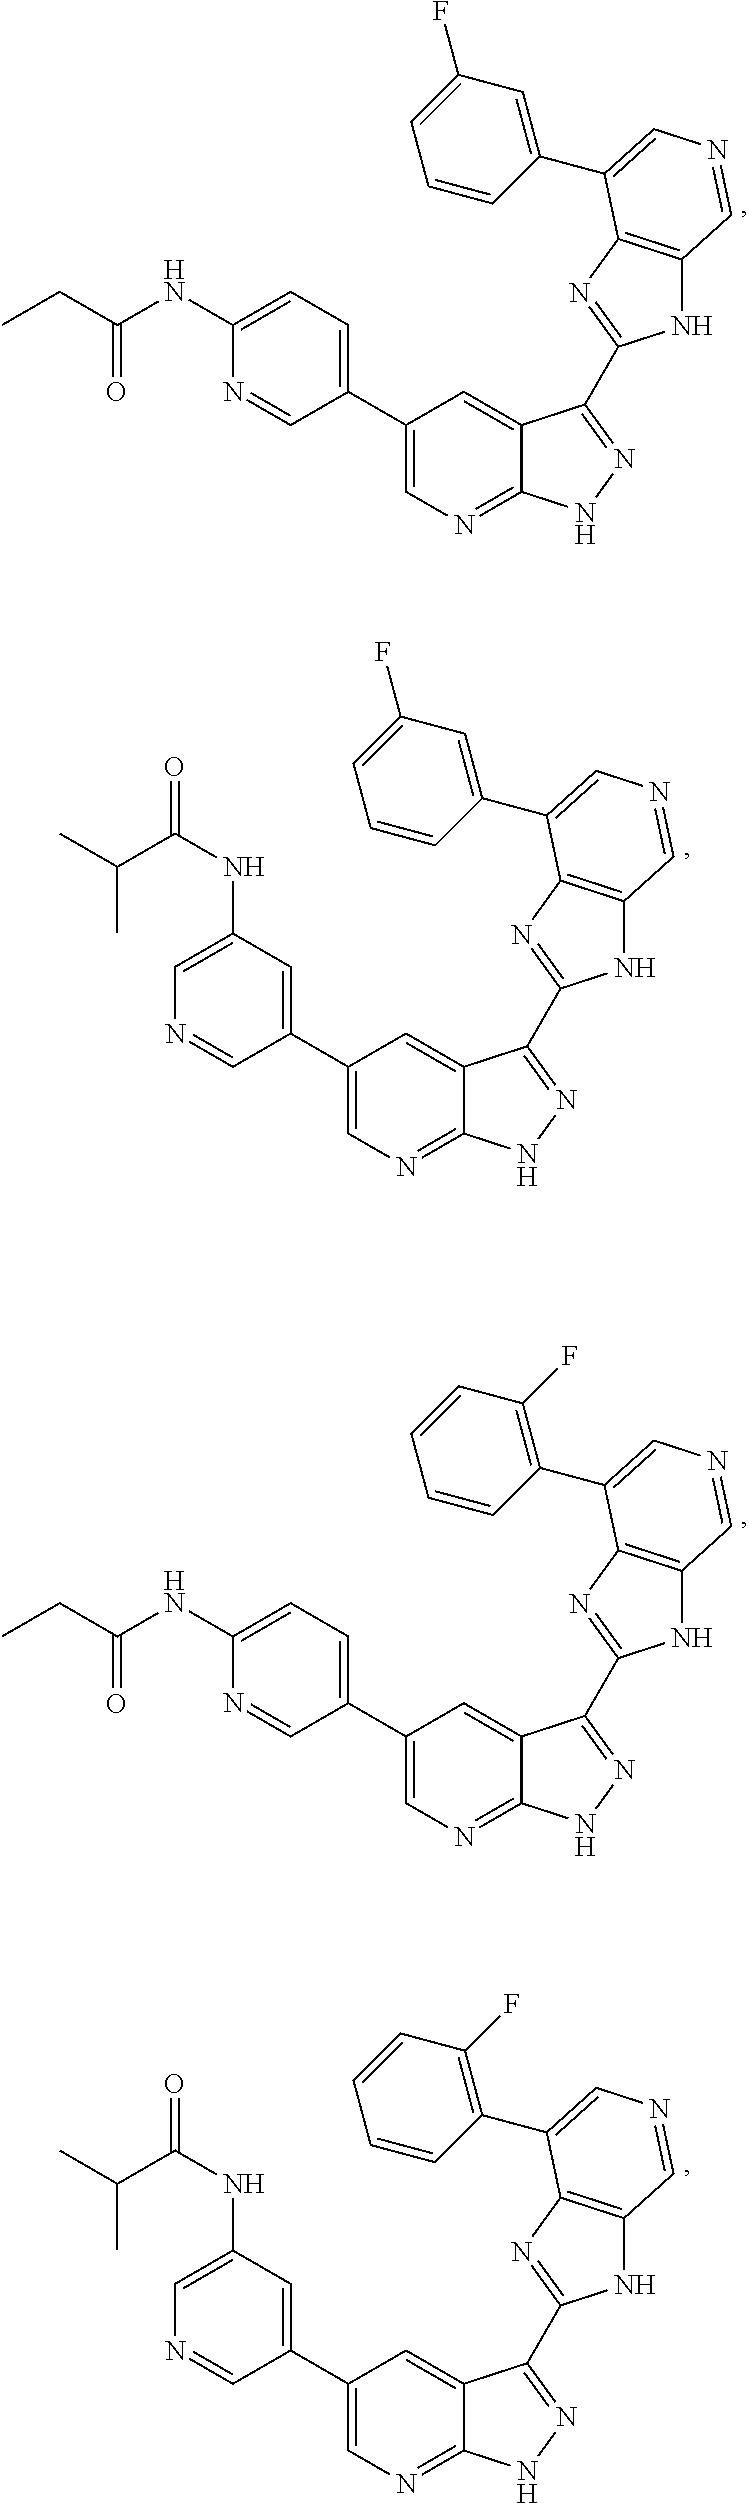 Figure US08618128-20131231-C00037